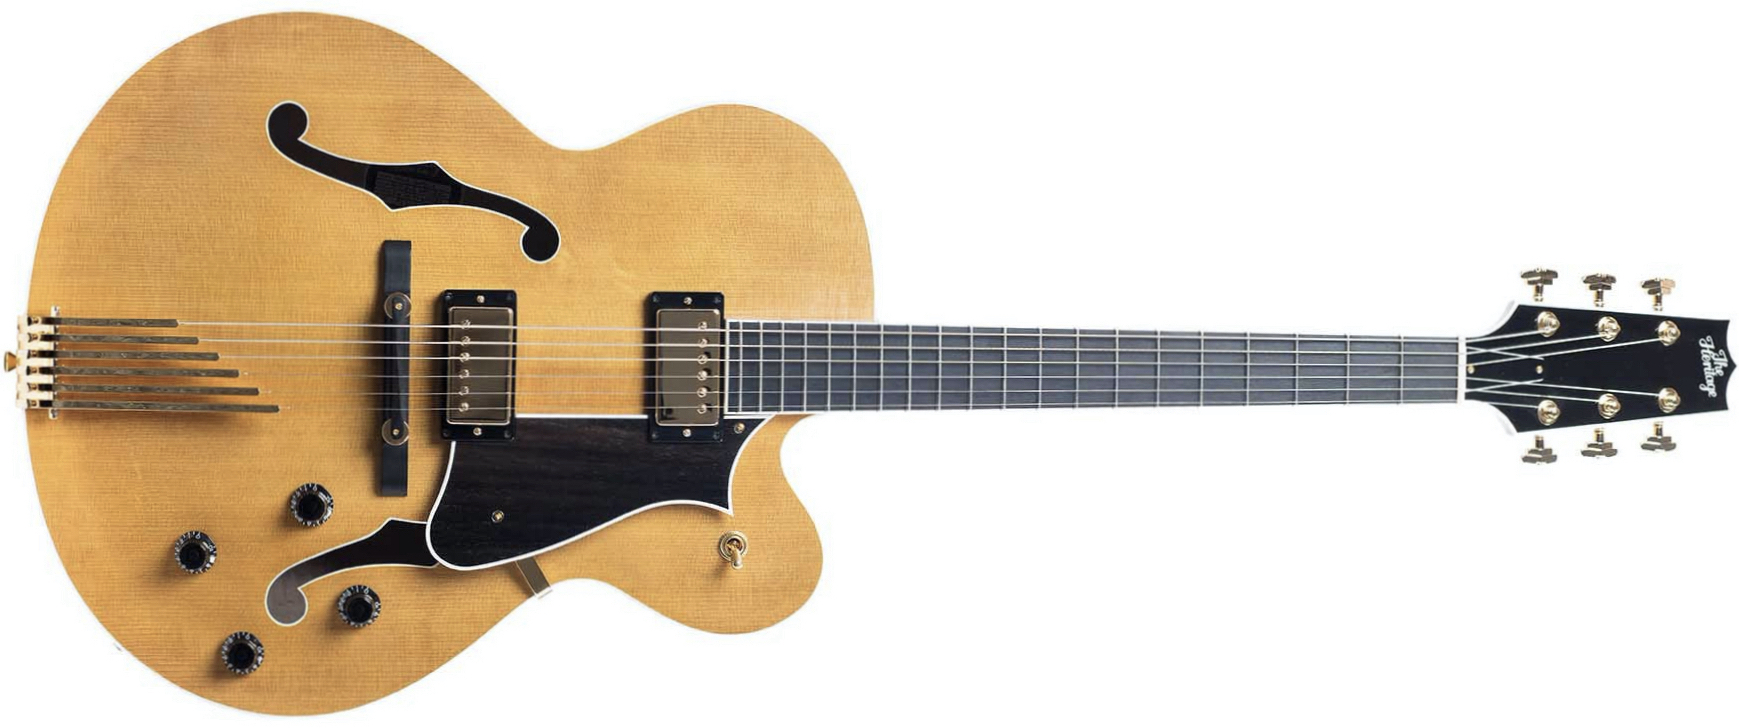 Heritage Guitars Eagle Classic